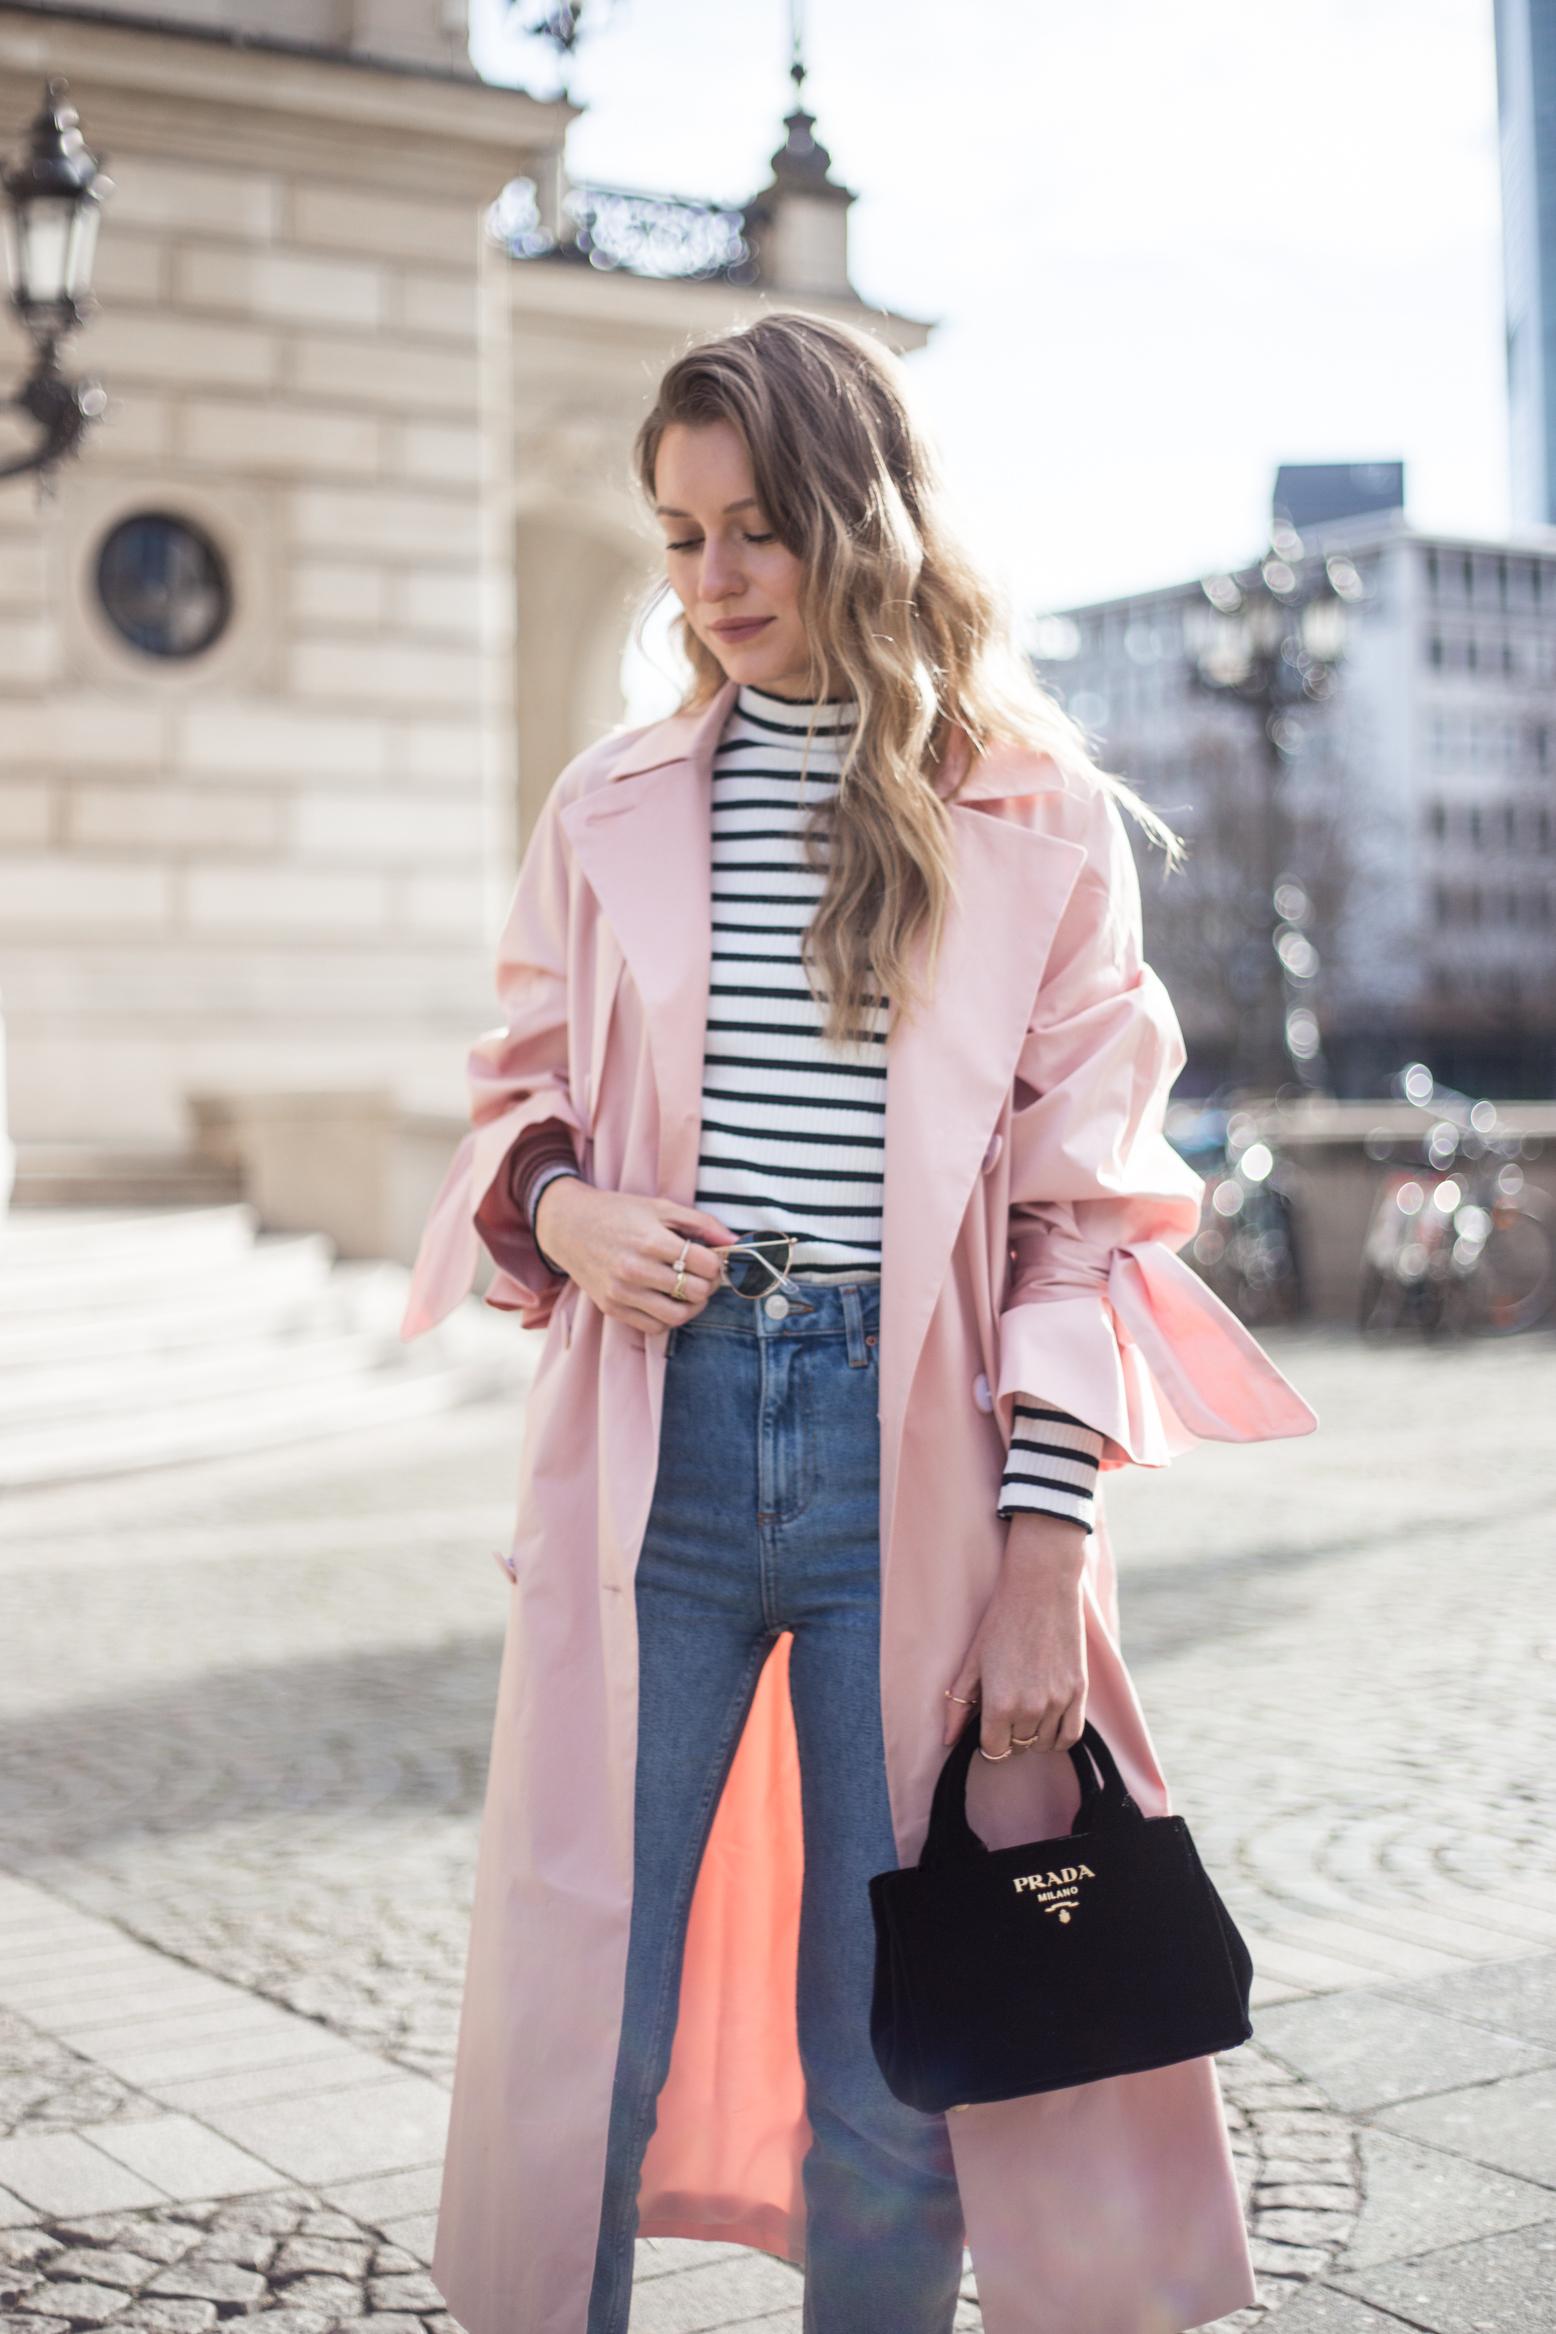 trenchcoat-outfit-prada-bag-velvet-0248